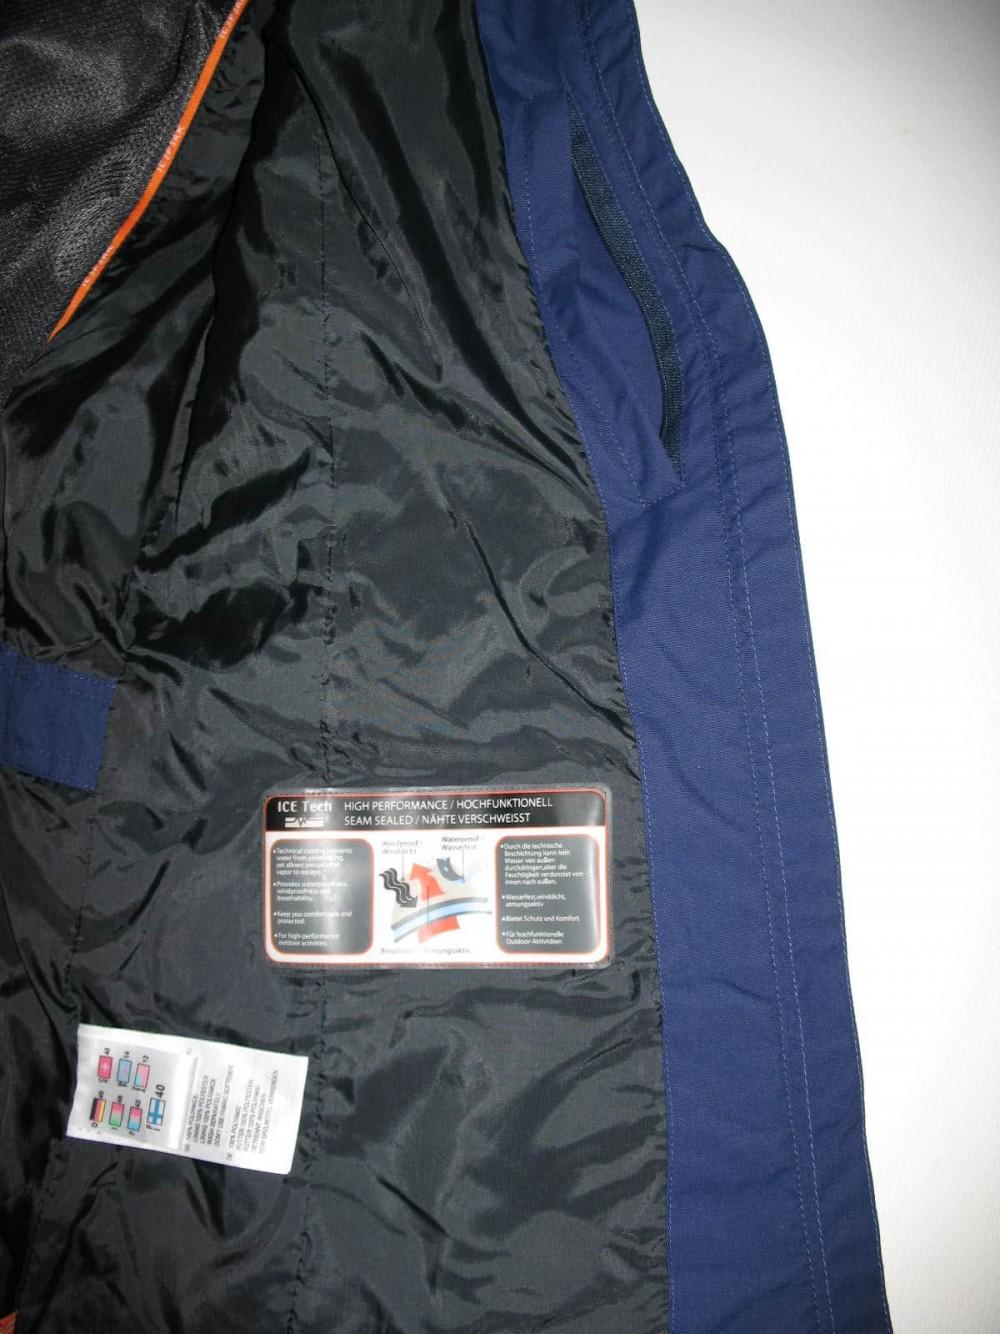 Куртка ICEPEAK icetech outdoor jacket lady (размер 40/M) - 6